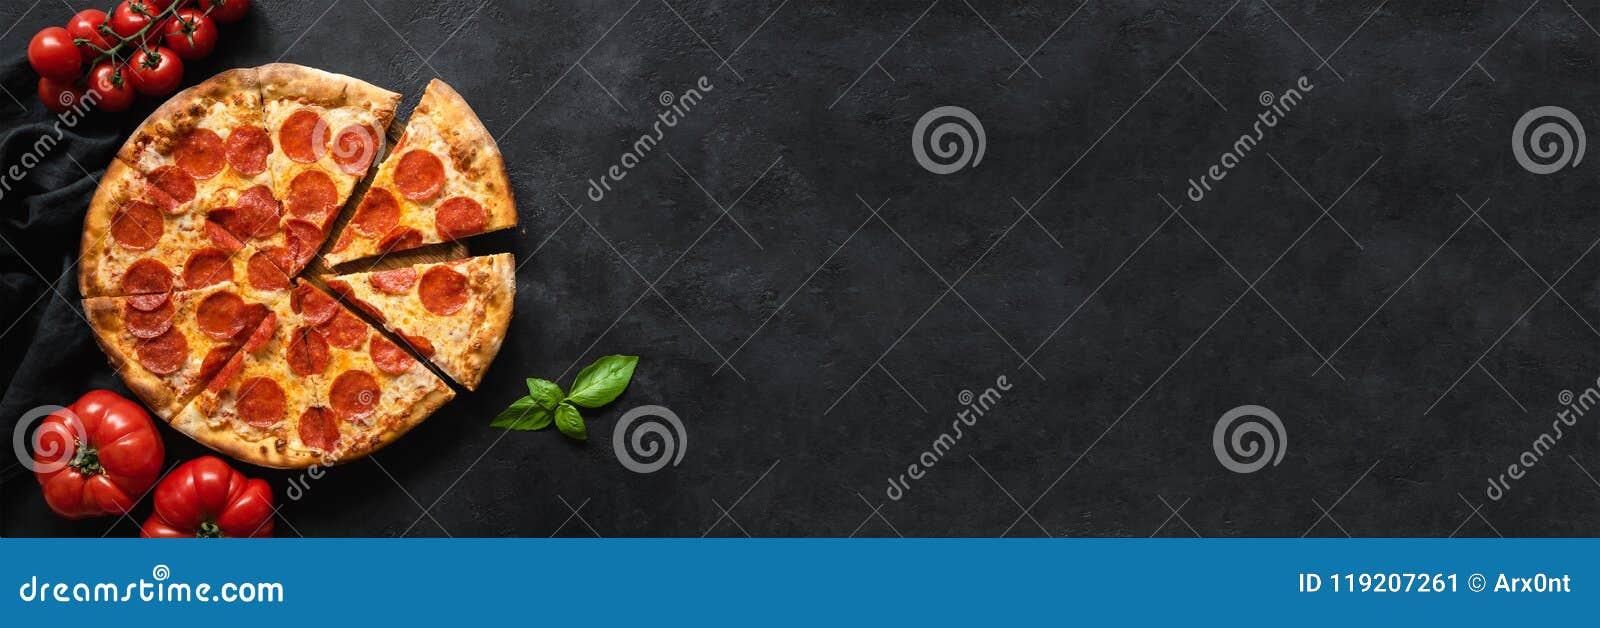 Pizza de salchichones sabrosa y cocinar los tomates de los ingredientes, especias, albahaca en fondo concreto negro